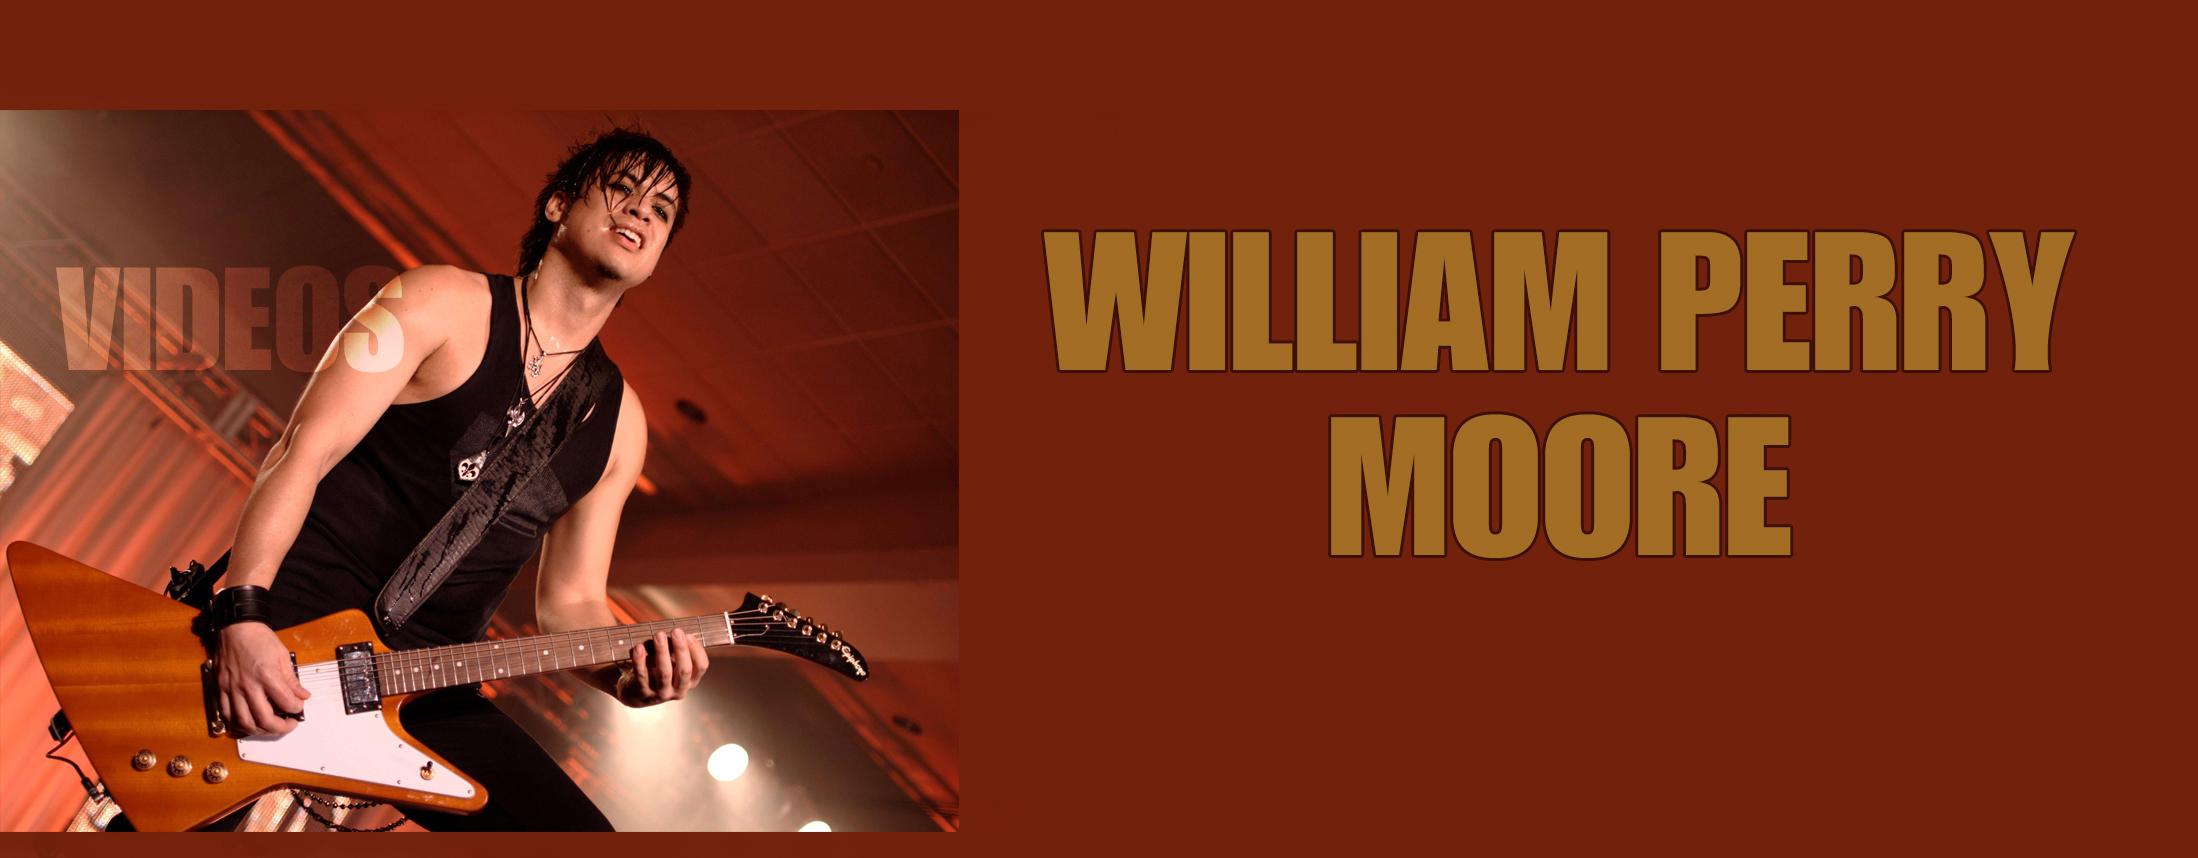 William Perry Moore - Videos